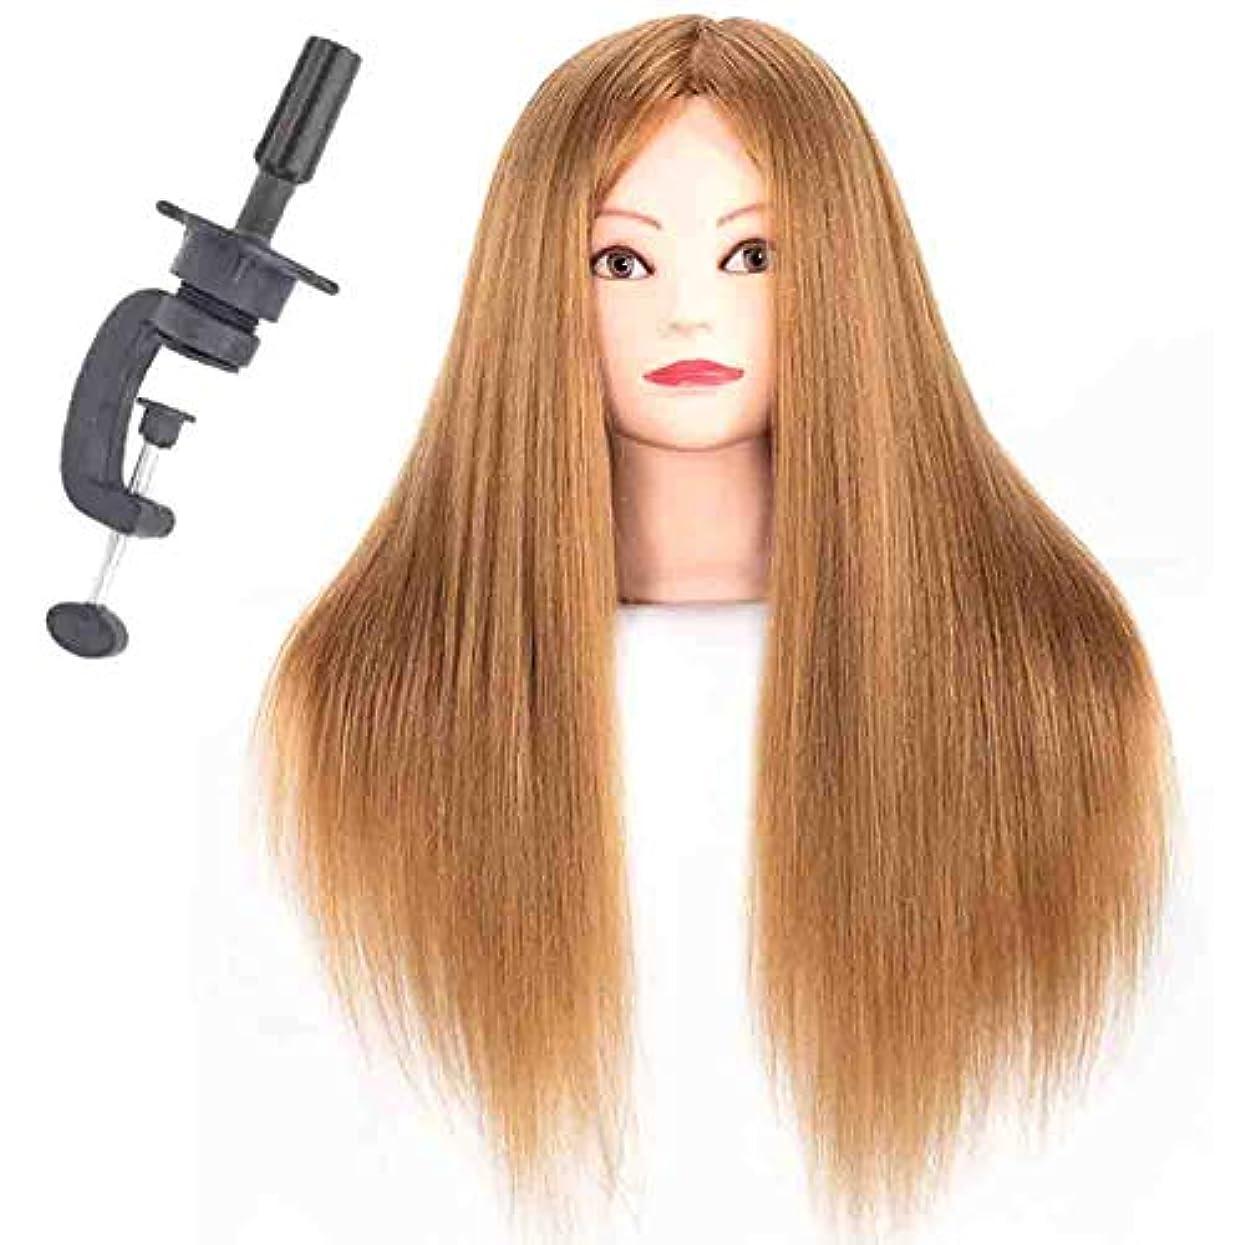 グリース近く悪性腫瘍85%ミックスリアルヘアトレーニングヘッド花嫁ヘア三つ編みヘアサロンヘアカットカーリングロッド形状モデルダミーヘッド